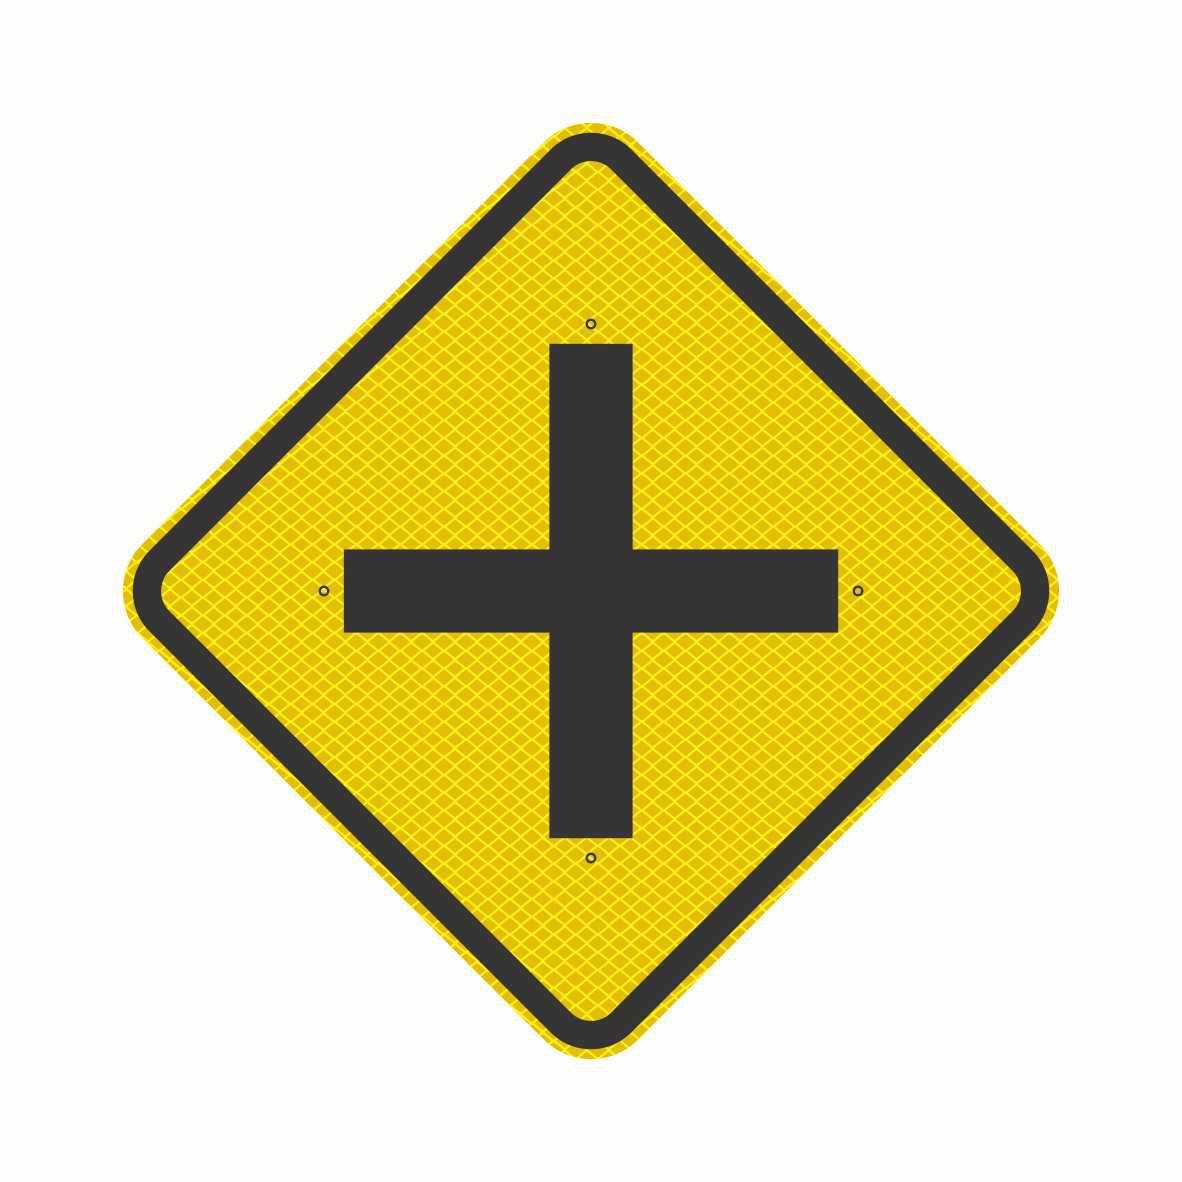 A-6 - CRUZAMENTO DE VIAS  - Towbar Sinalização de Segurança